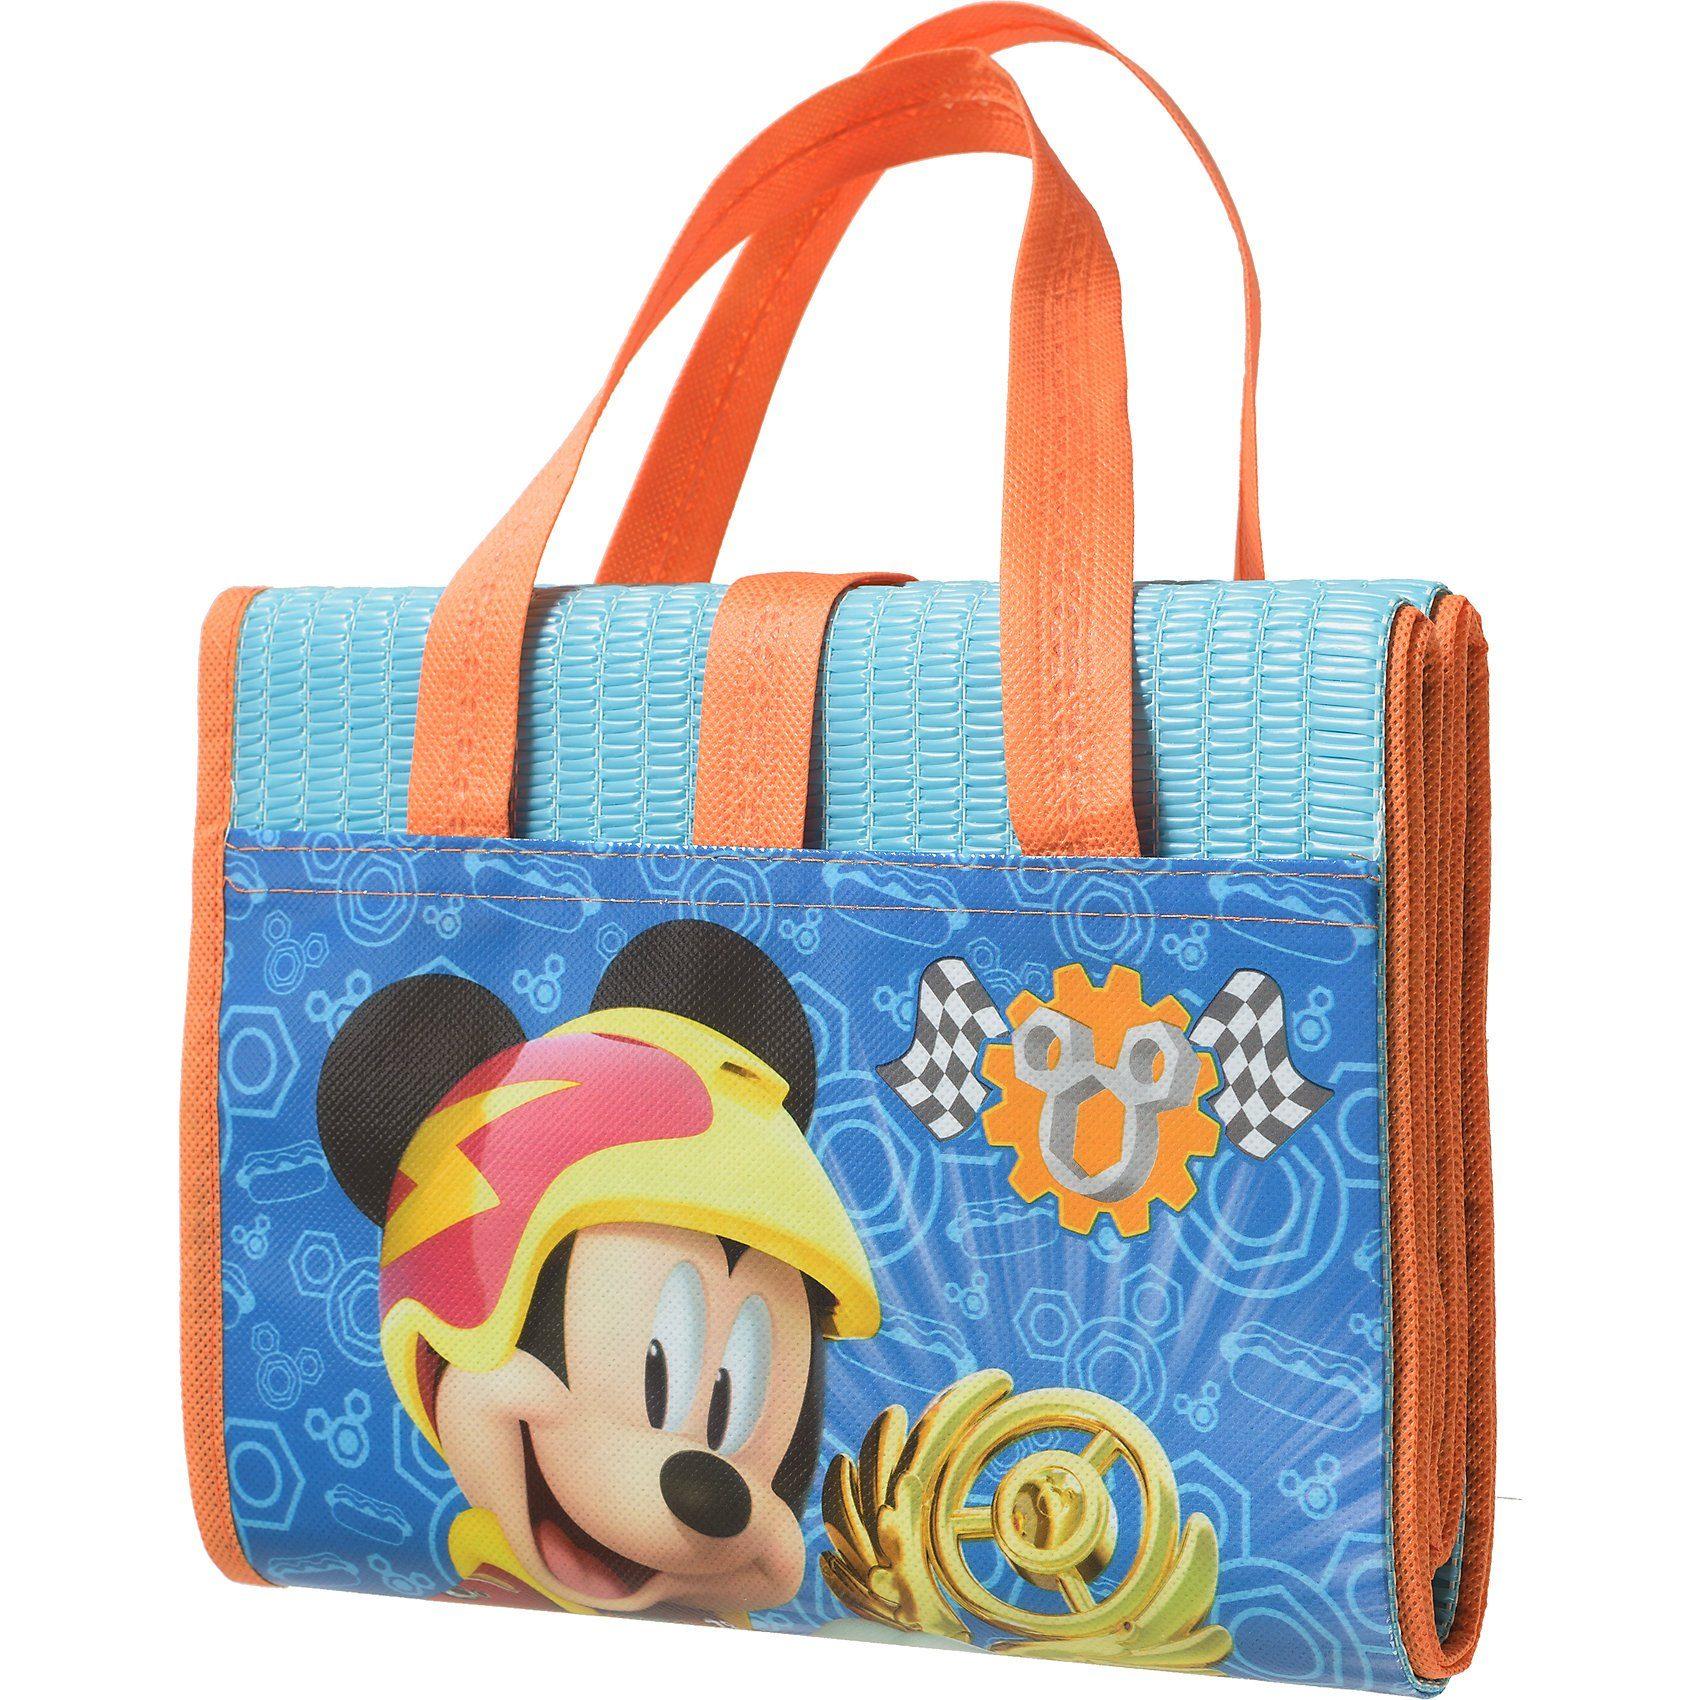 Strand- und Badematte, faltbar, Disney Mickey Mouse, 75 x 15